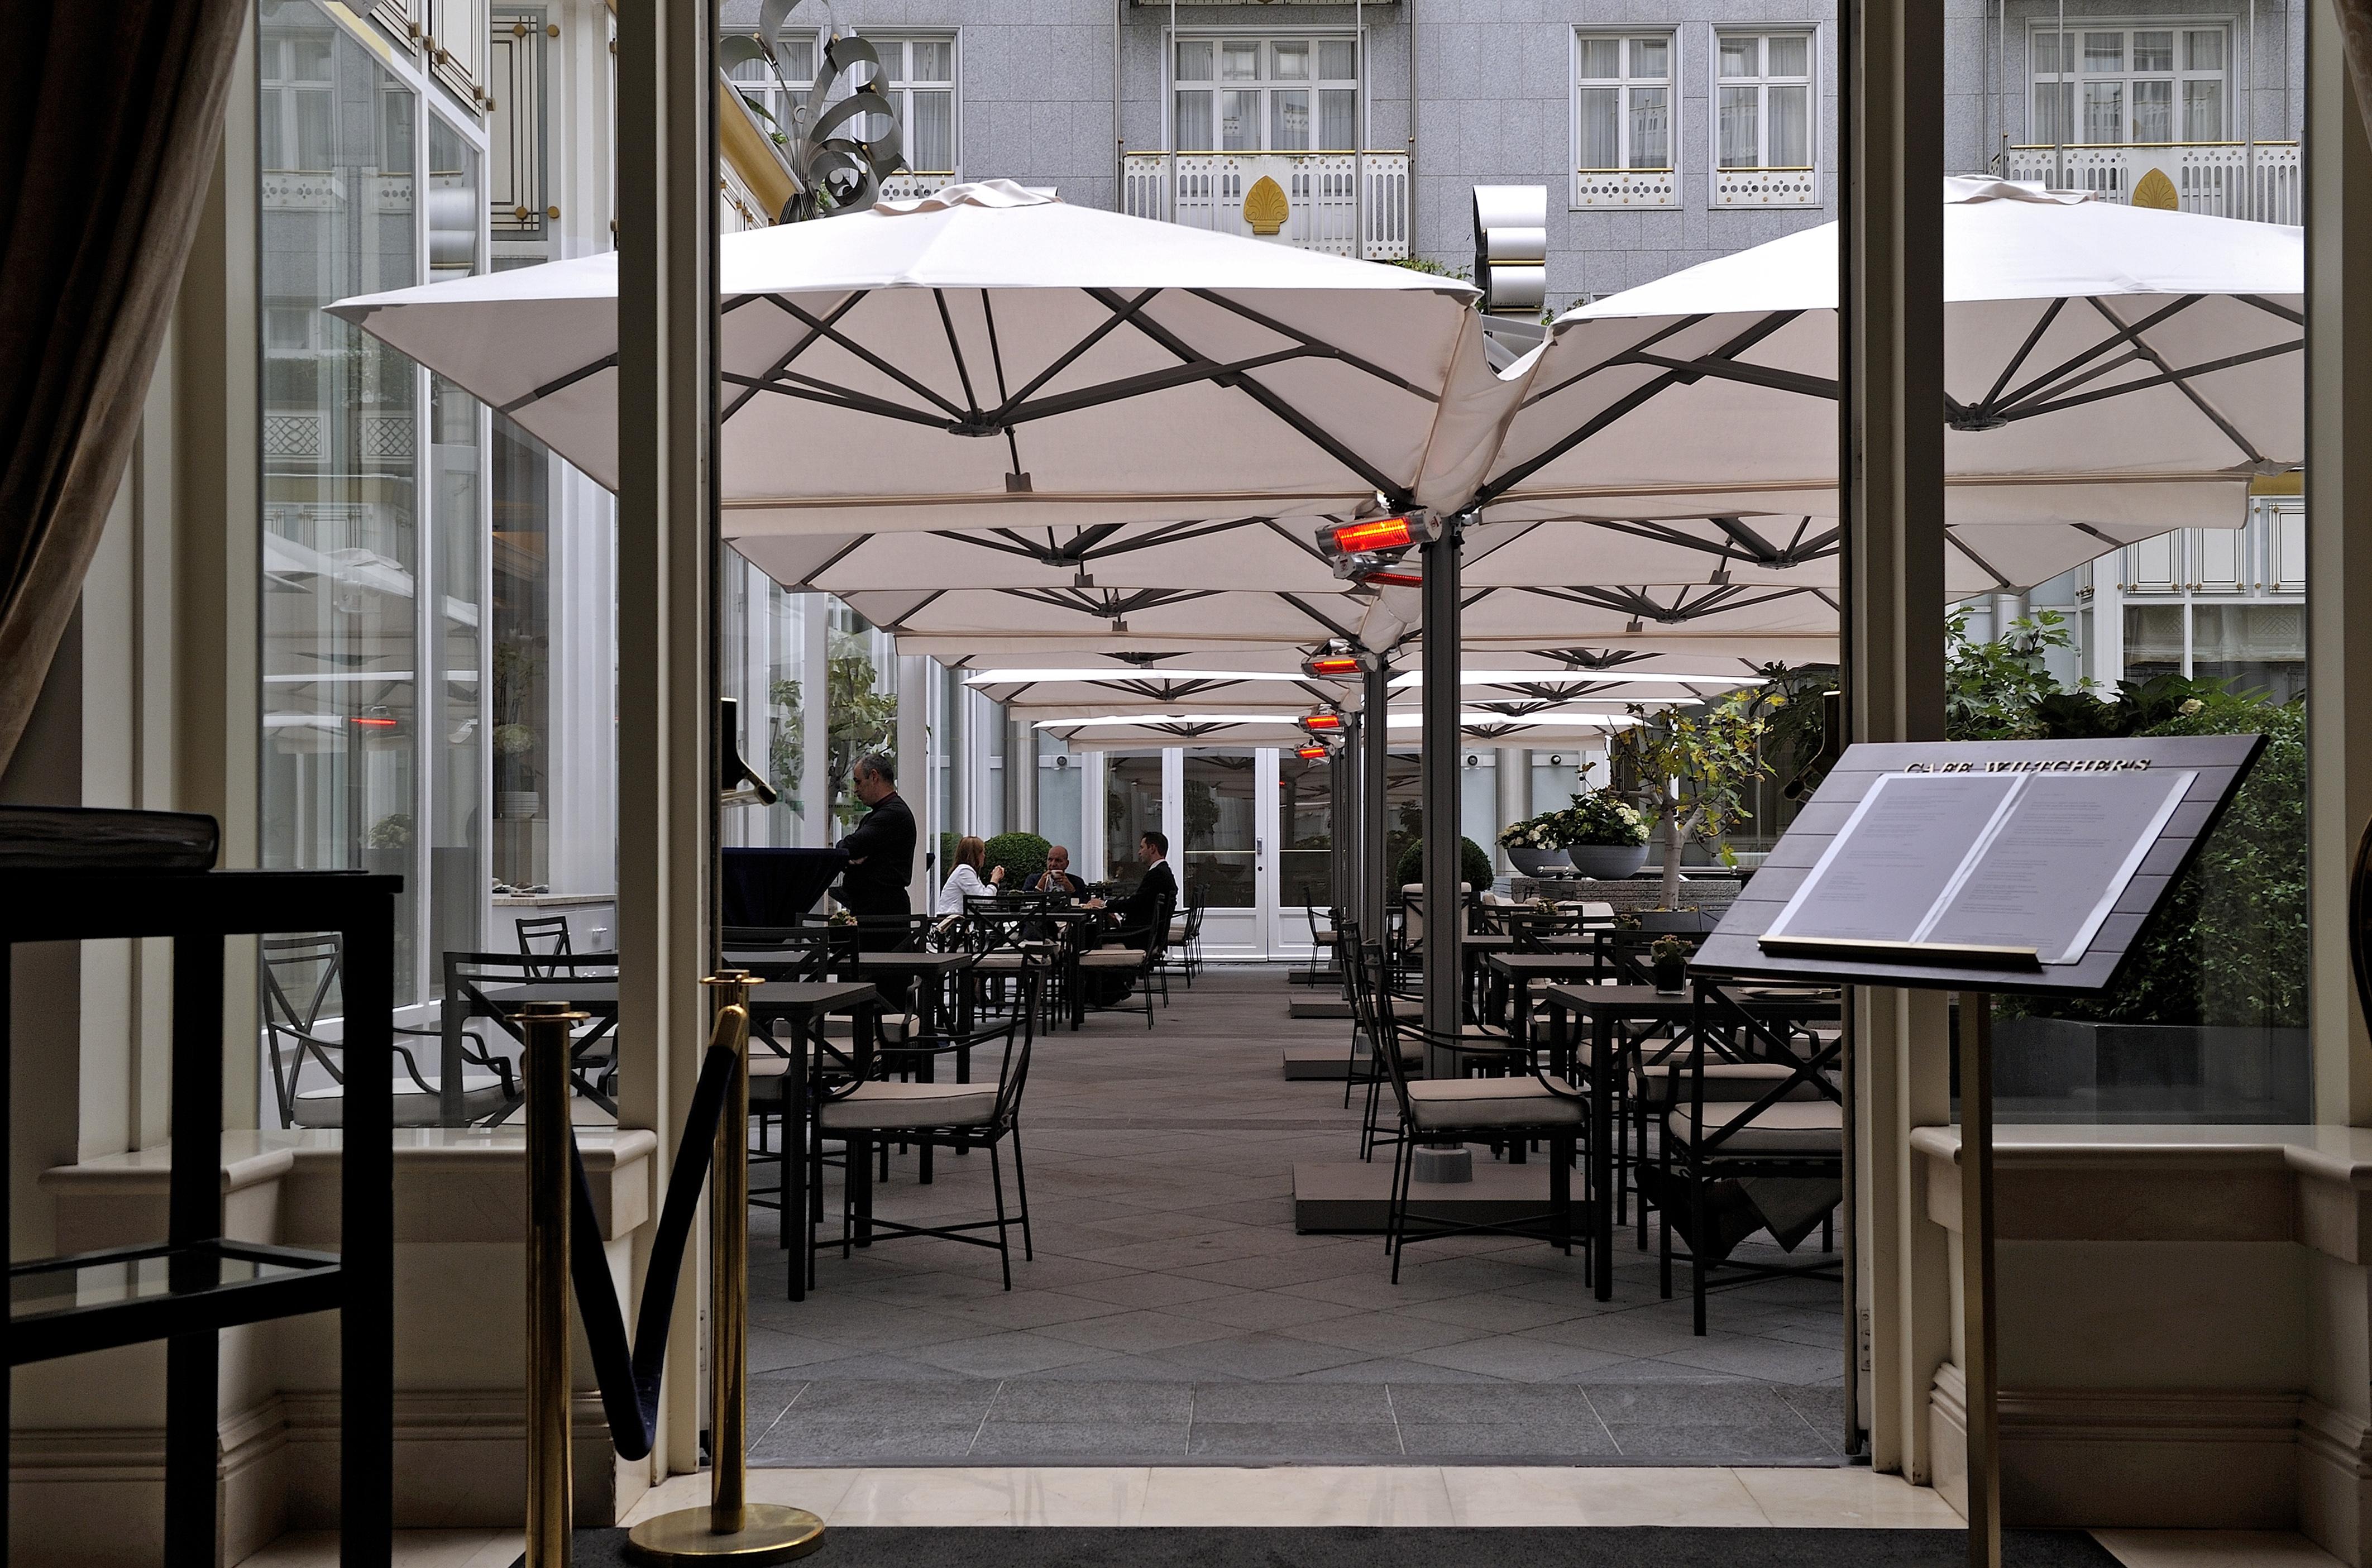 Una serie di ombrelloni componibili MaPro P6 nella corte interna di un hotel